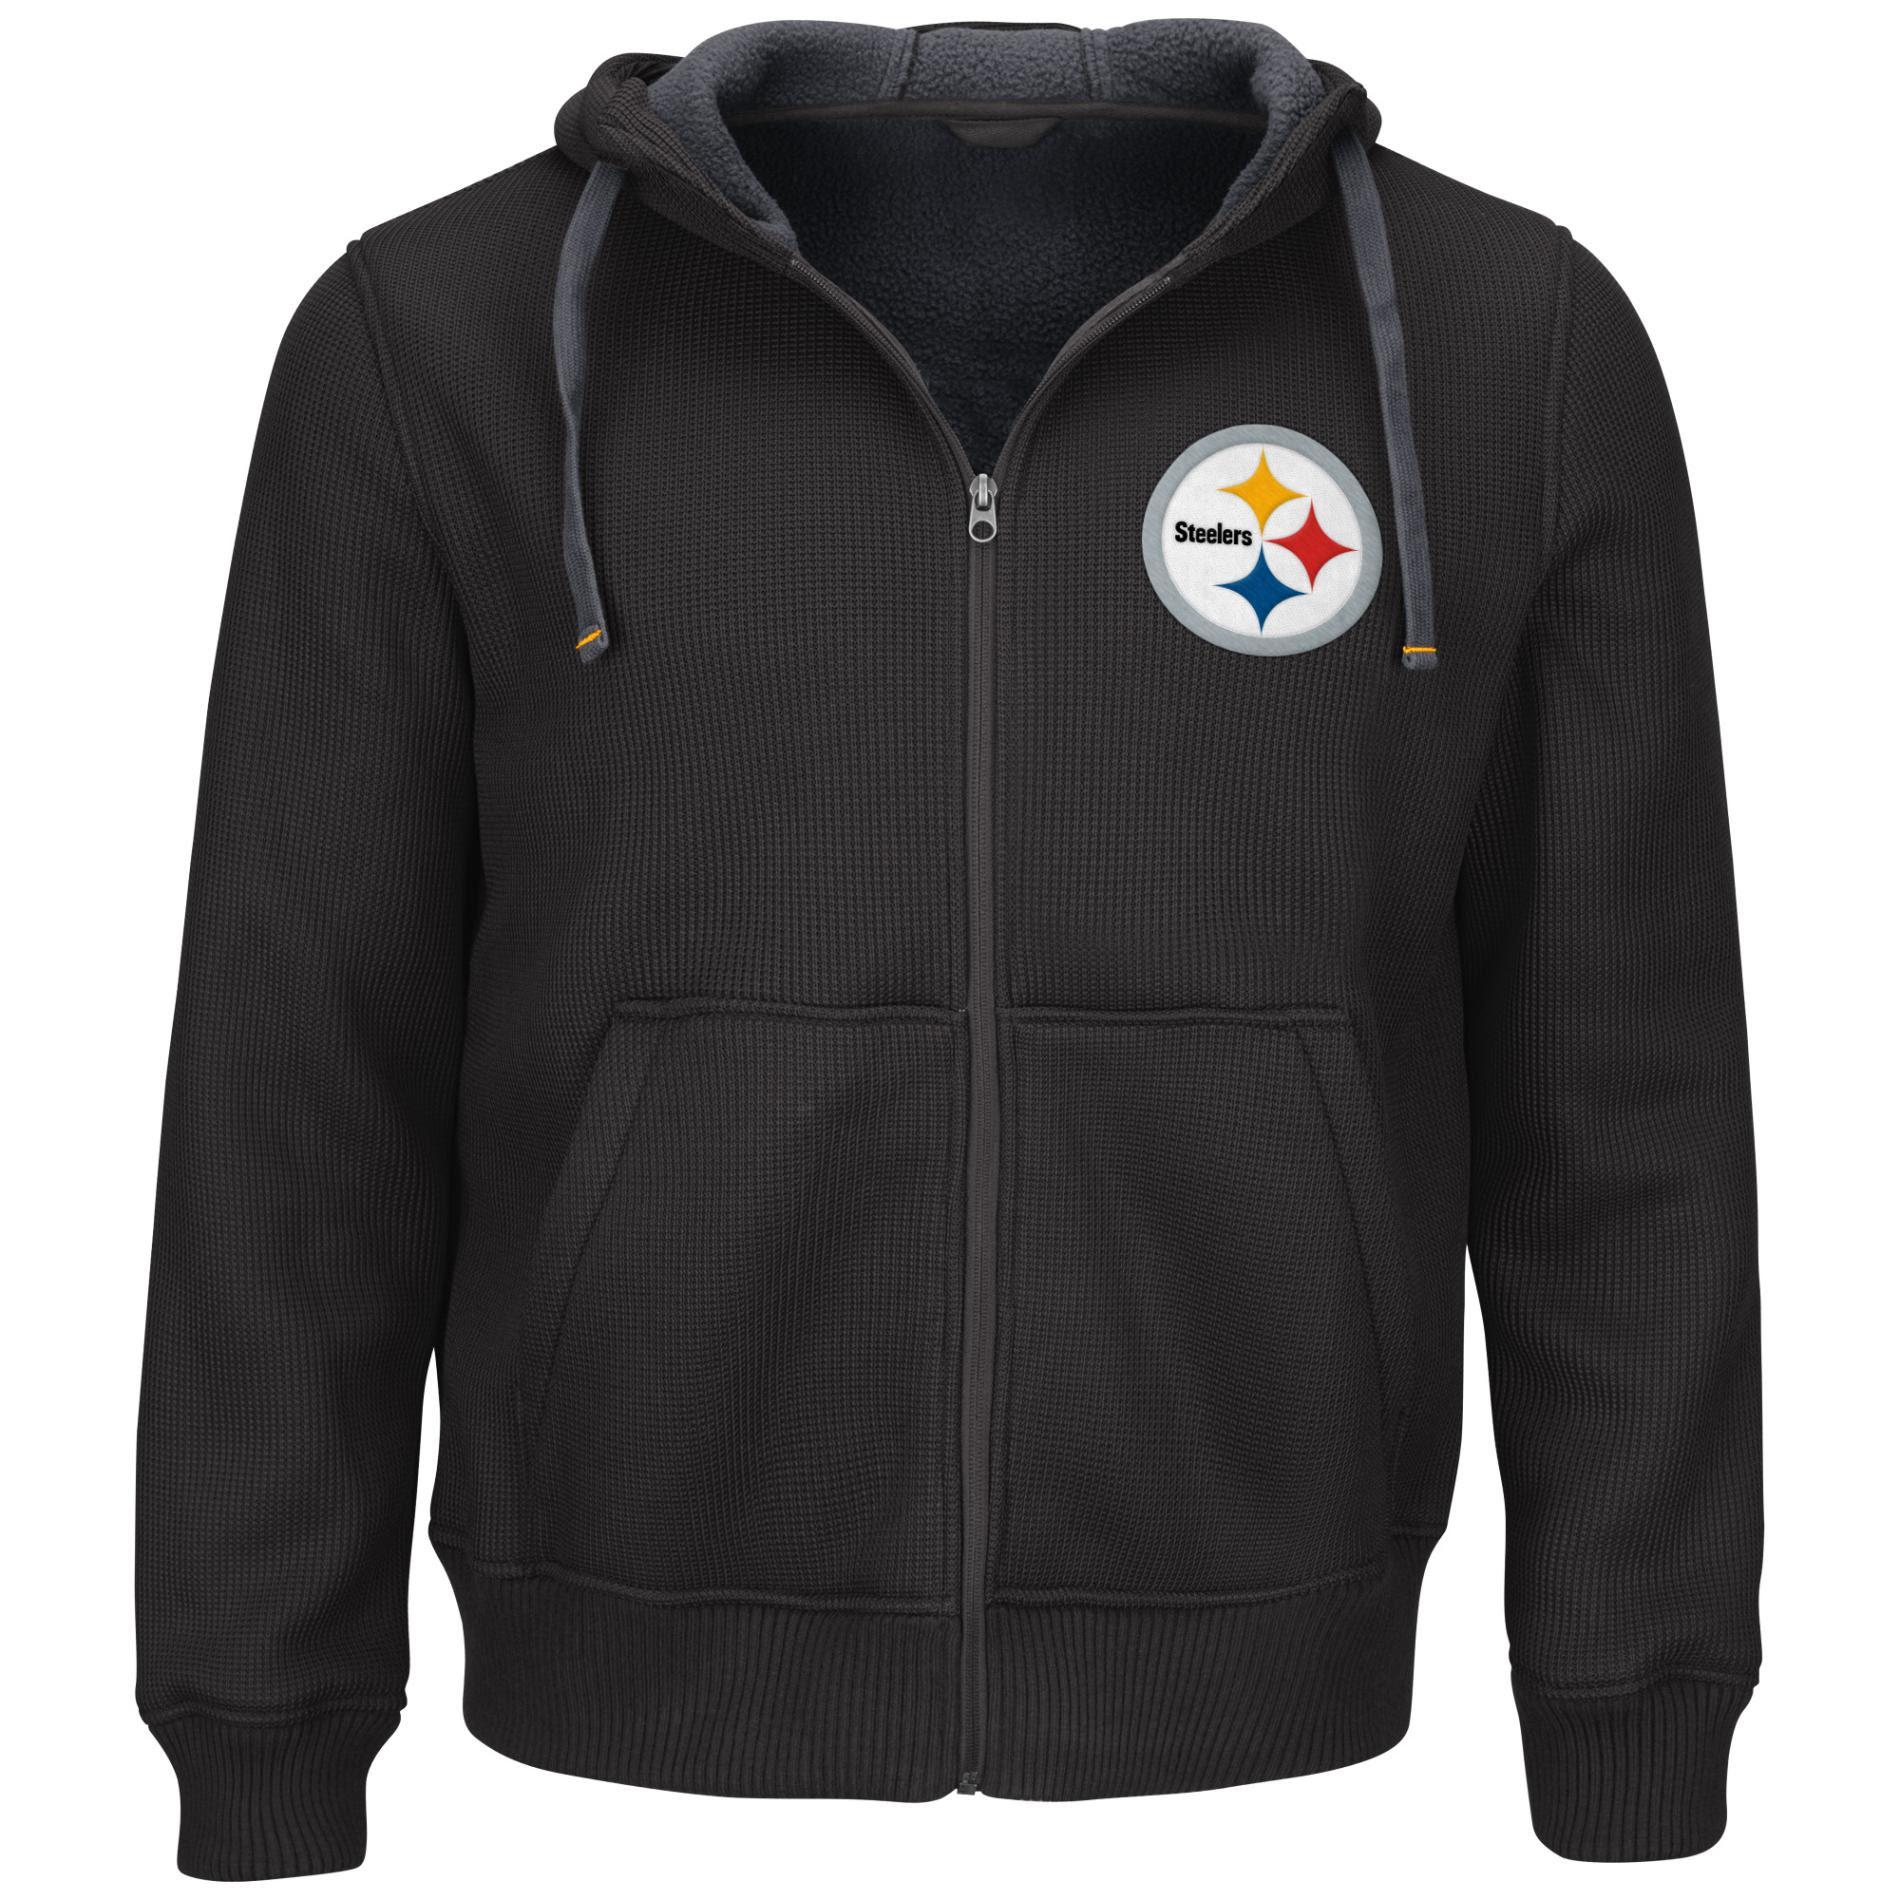 NFL Mens Thermal Hoodie Jacket  Pittsburgh Steelers